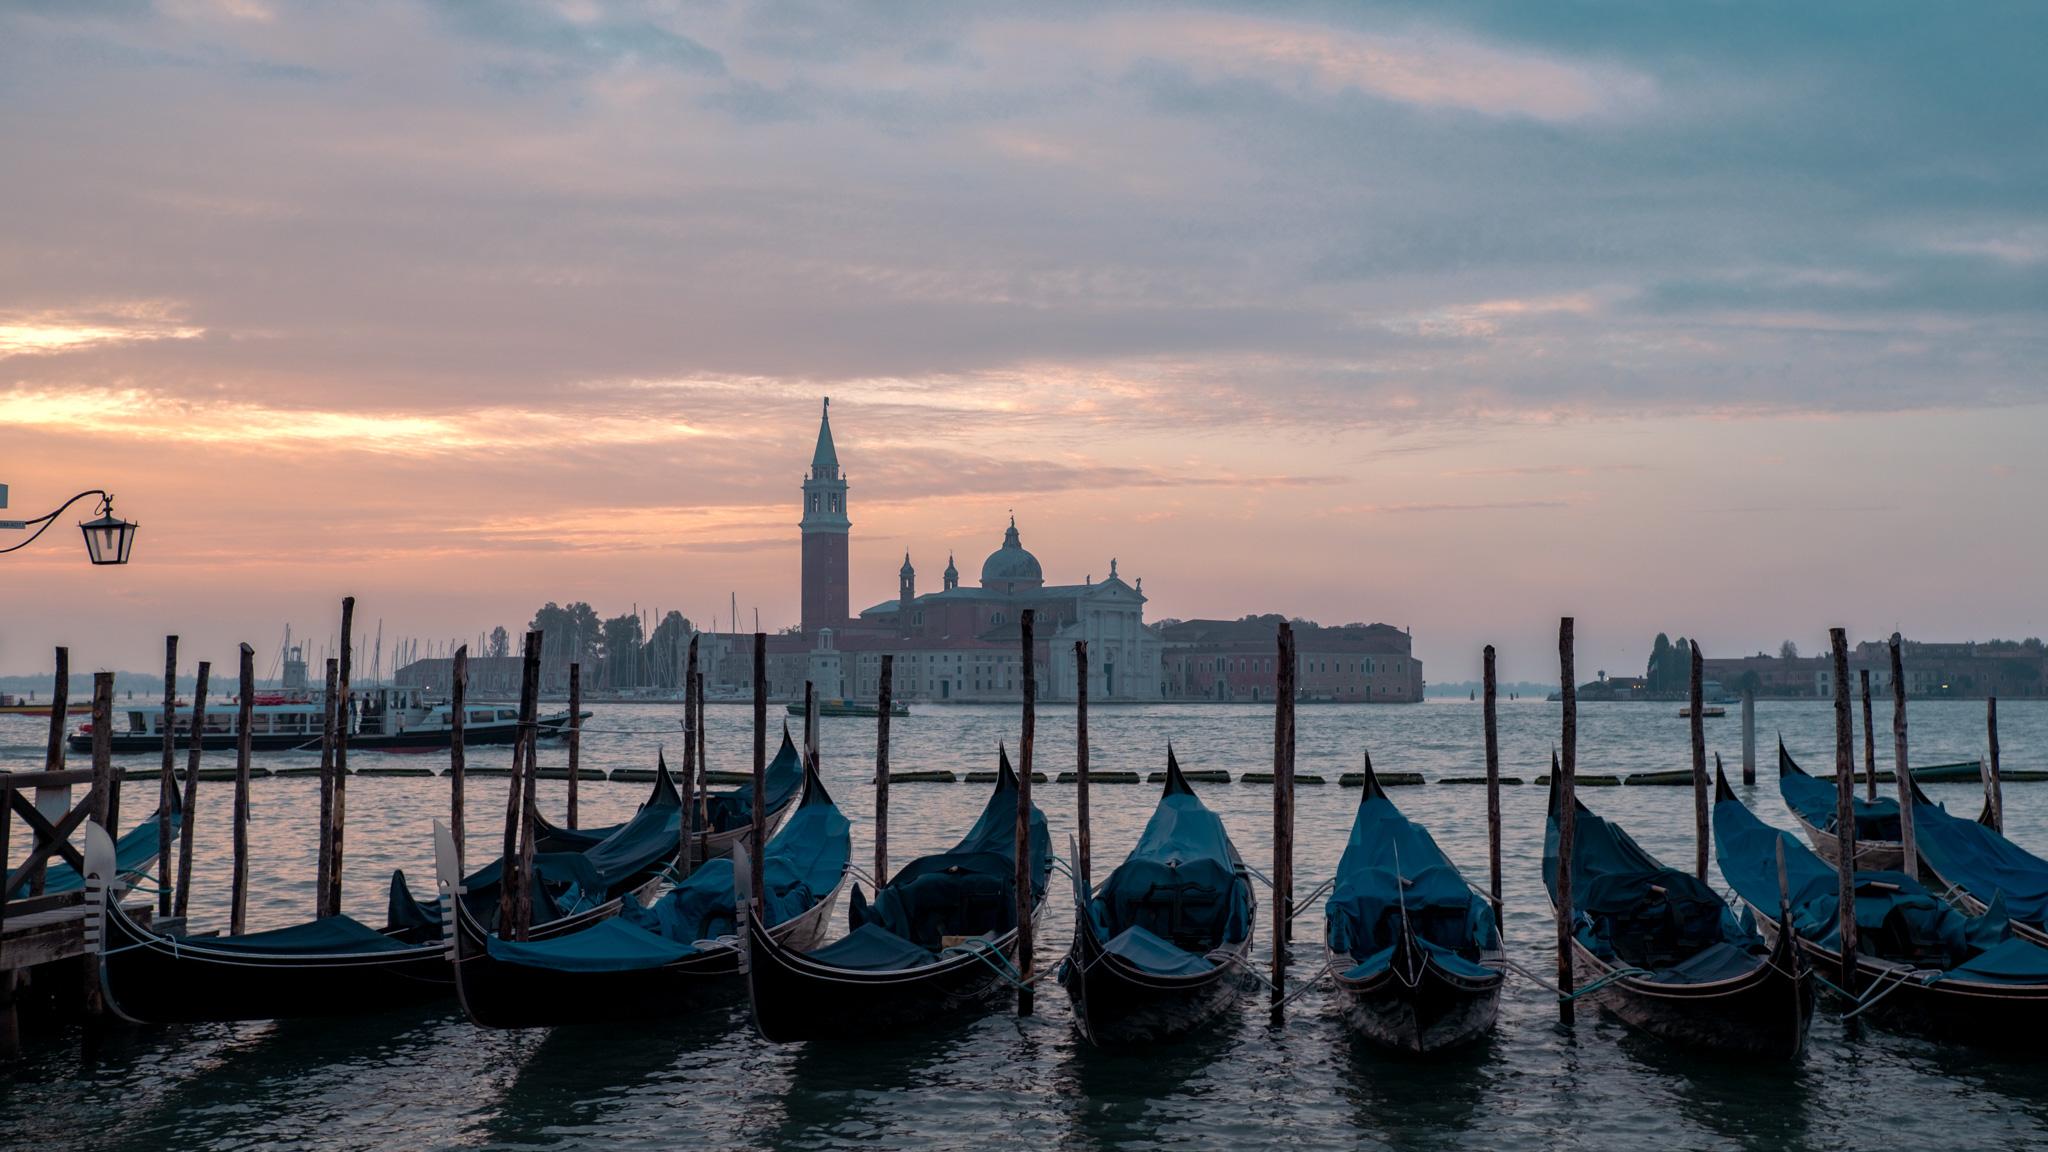 Que faire à Venise : les essentiels pour 4 jours au milieu des gondoles